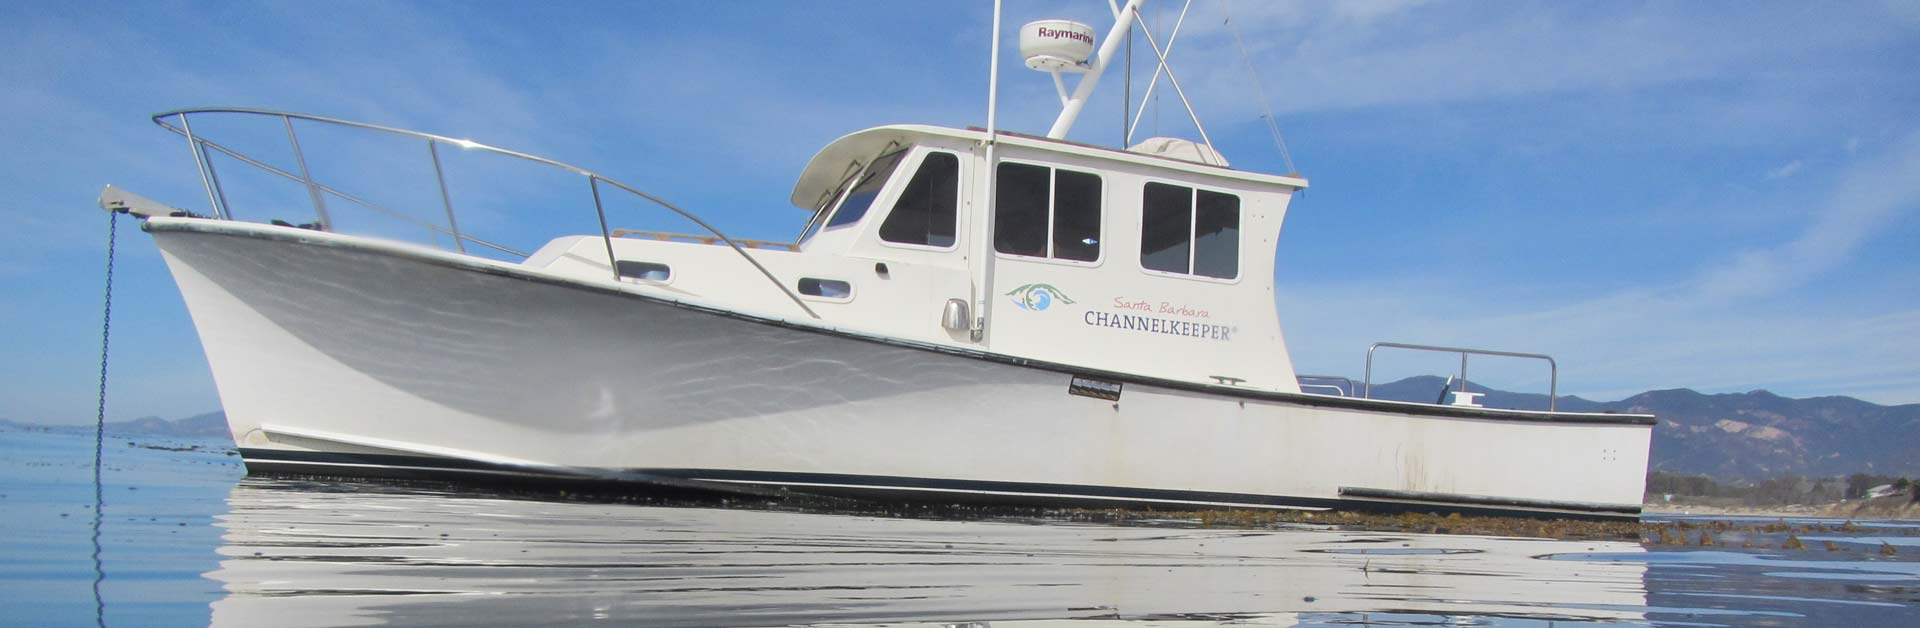 Santa Barbara Channelkeeper's boat at anchor.